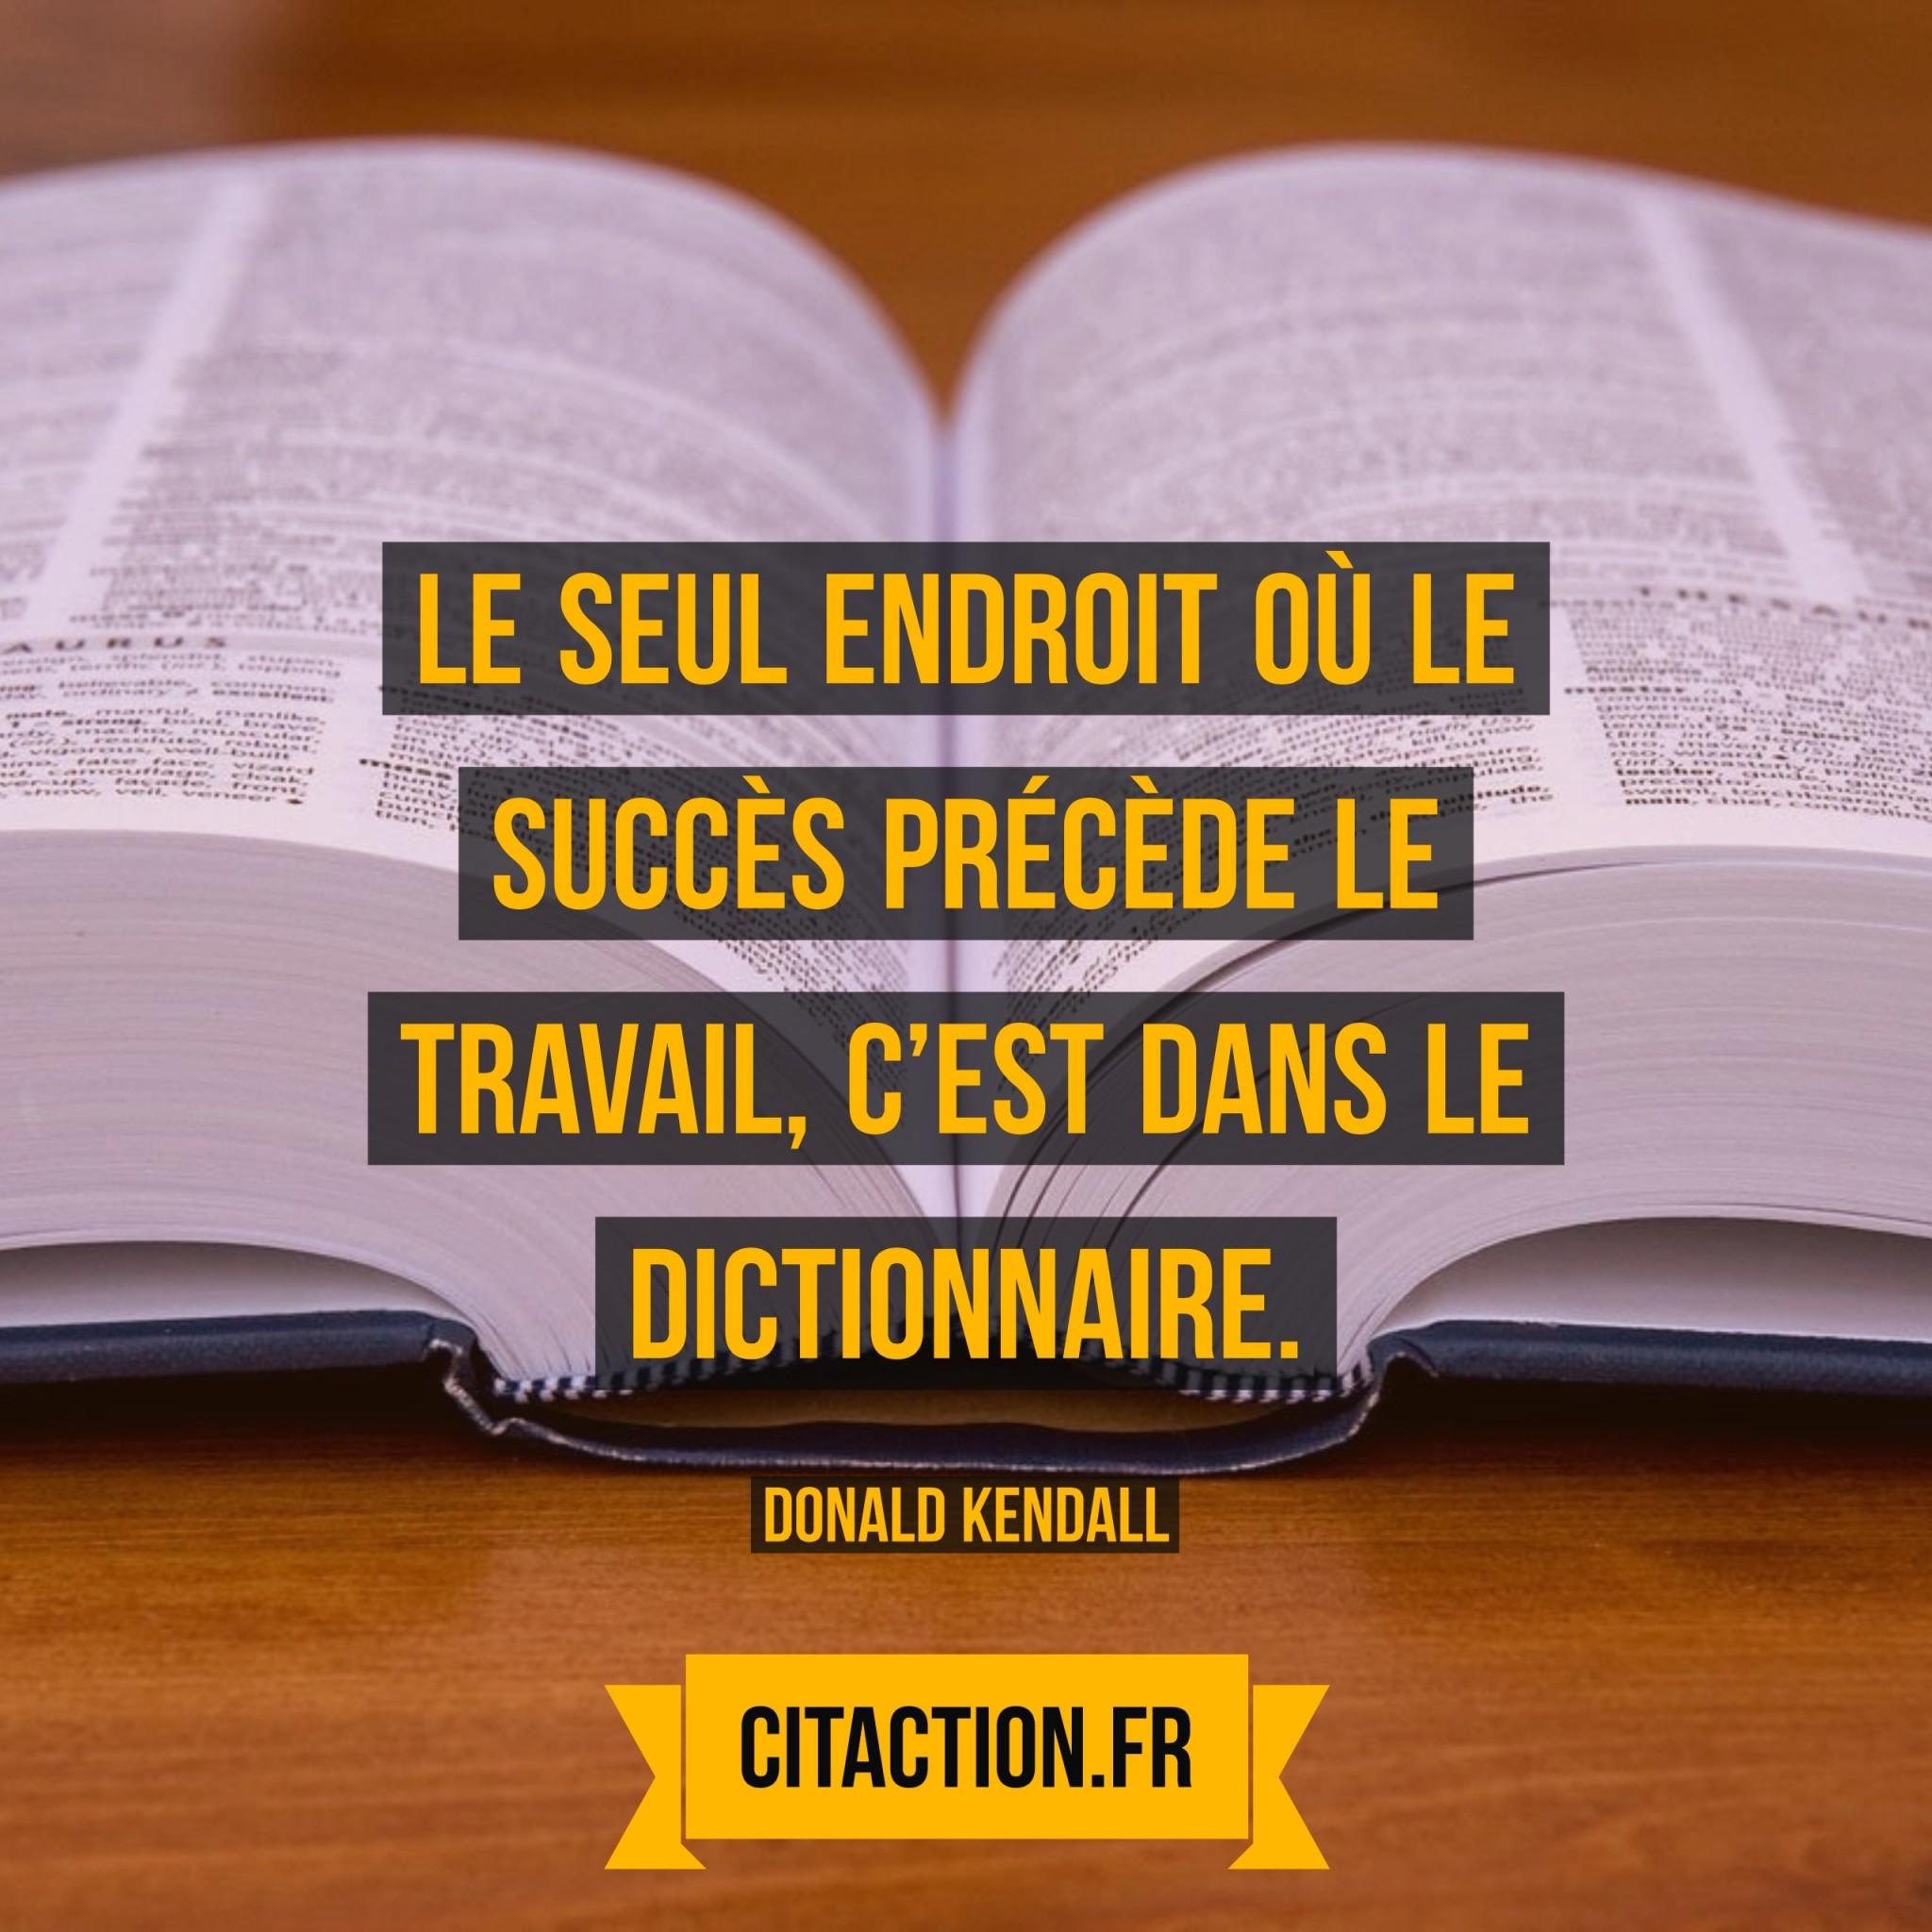 Le seul endroit où le succès précède le travail, c'est dans le dictionnaire.